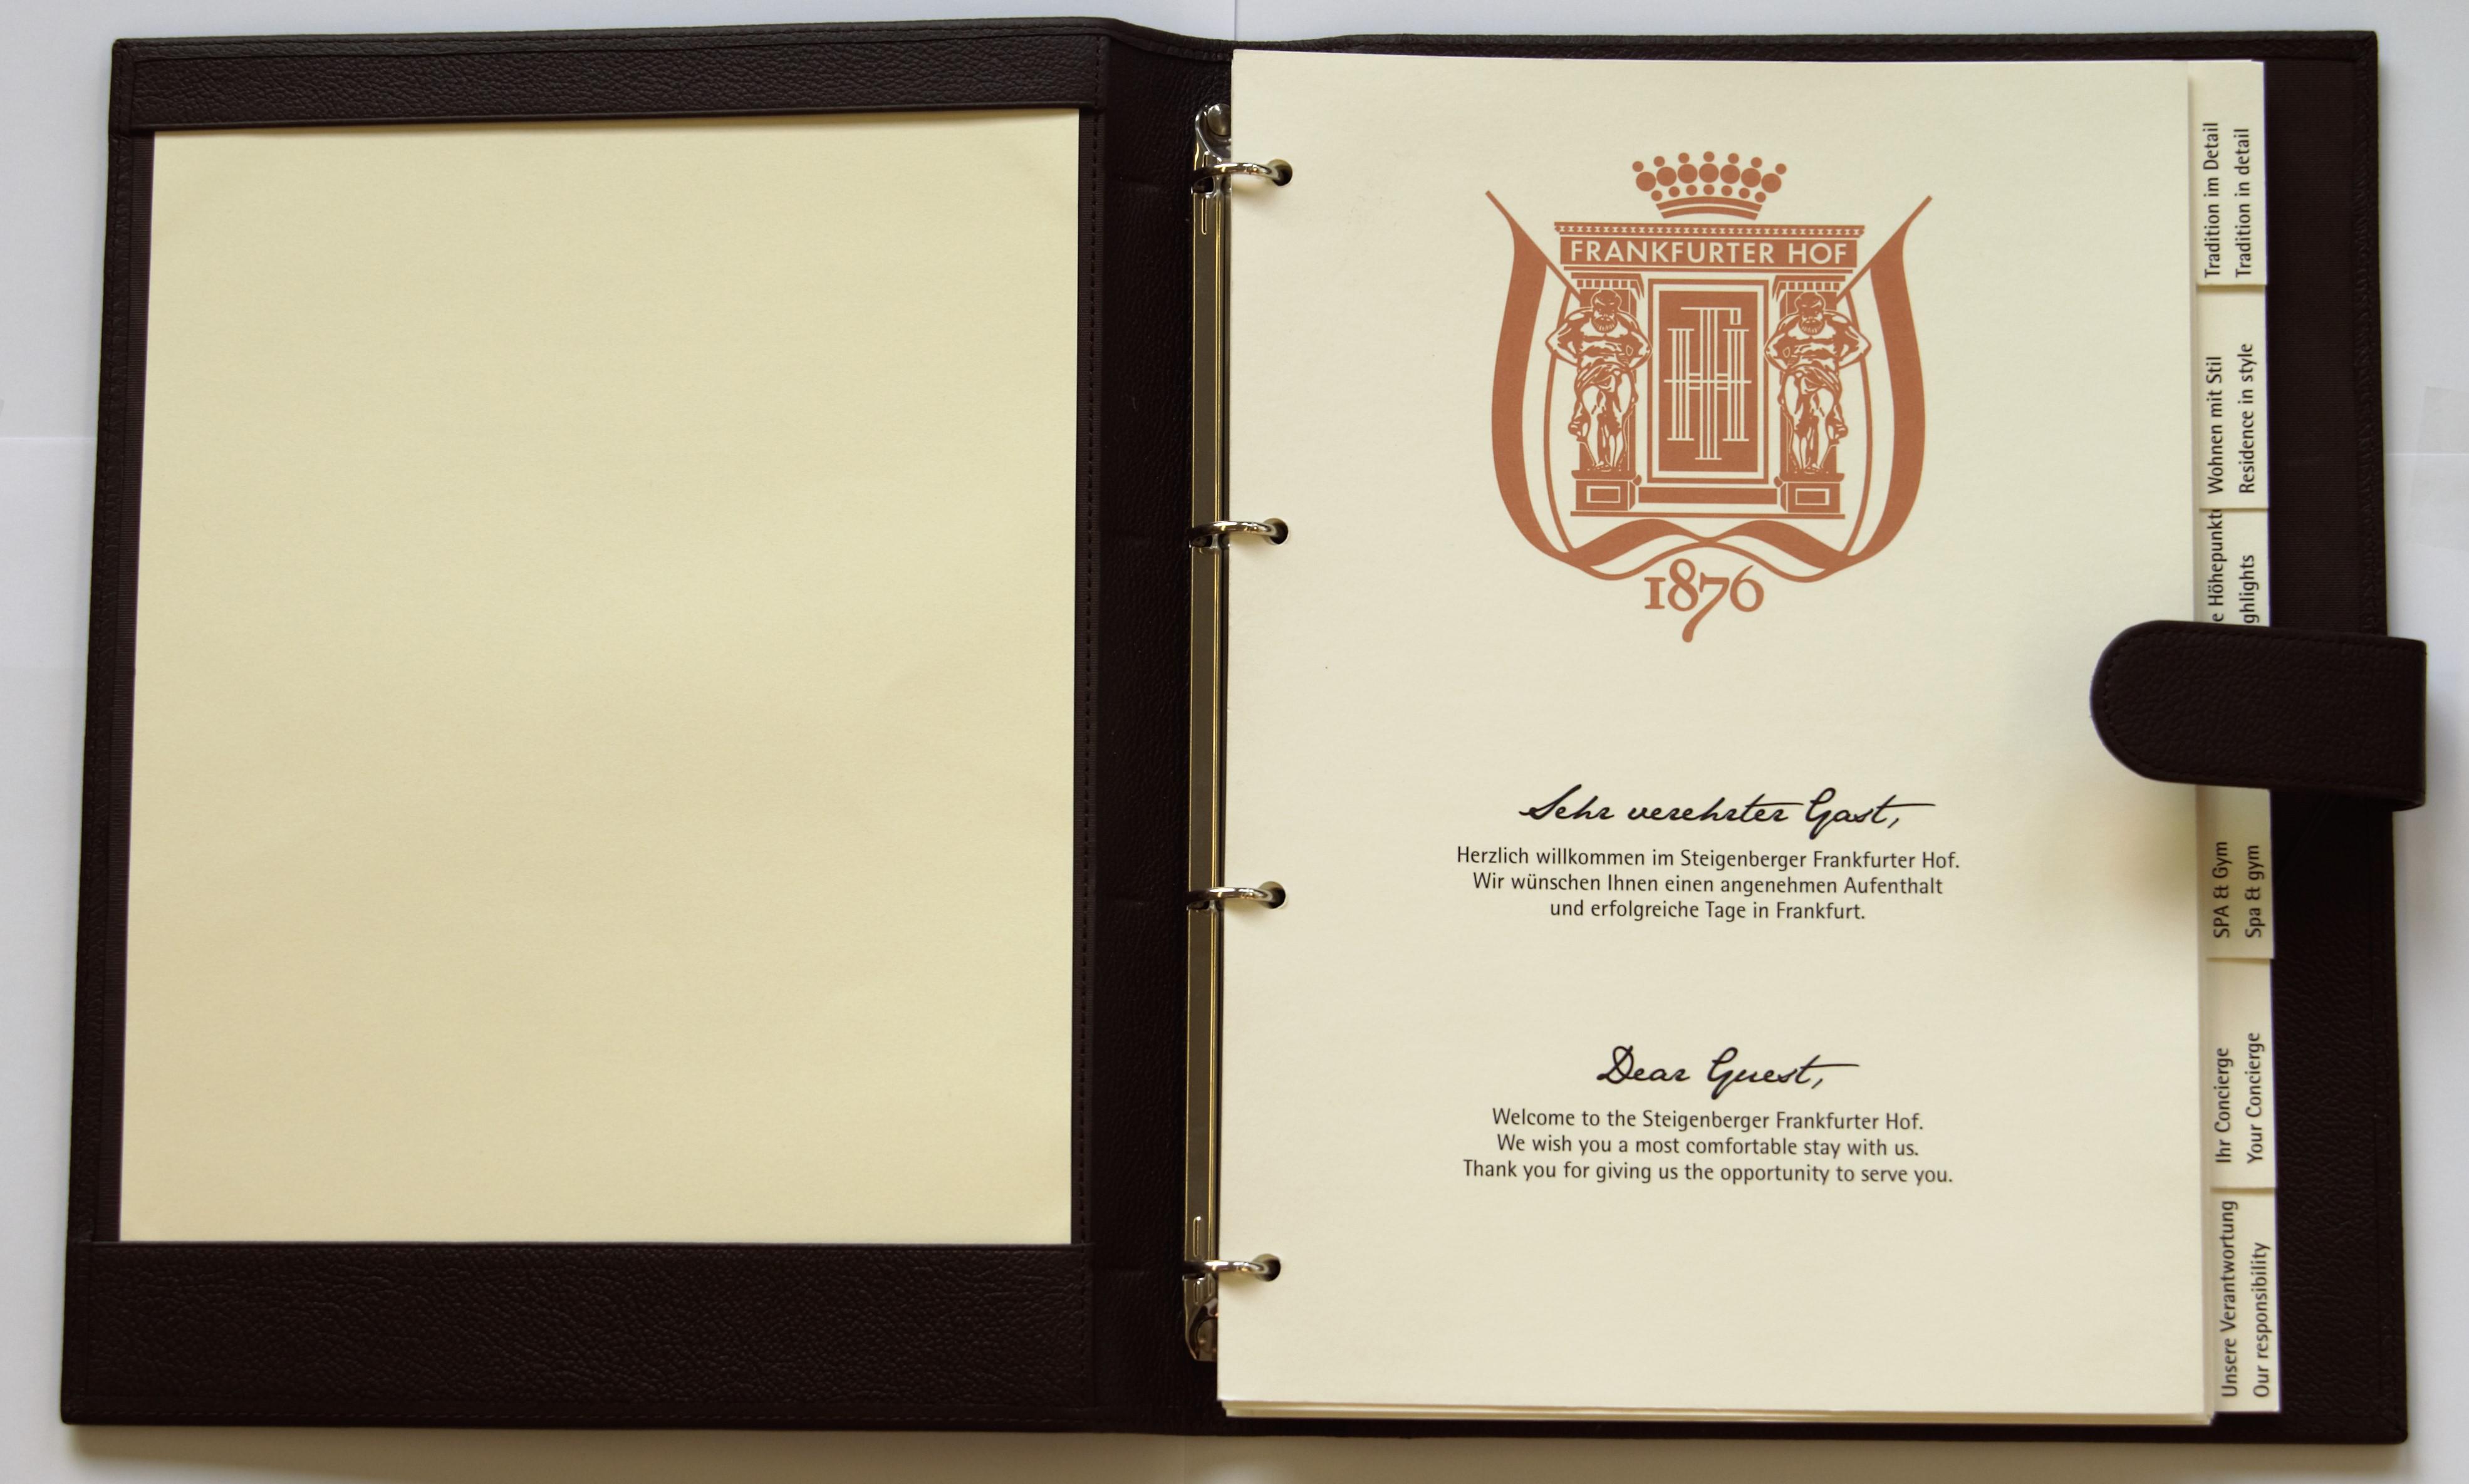 Buchbinderhandwerk, Buchbinderkunst, handgefertigt